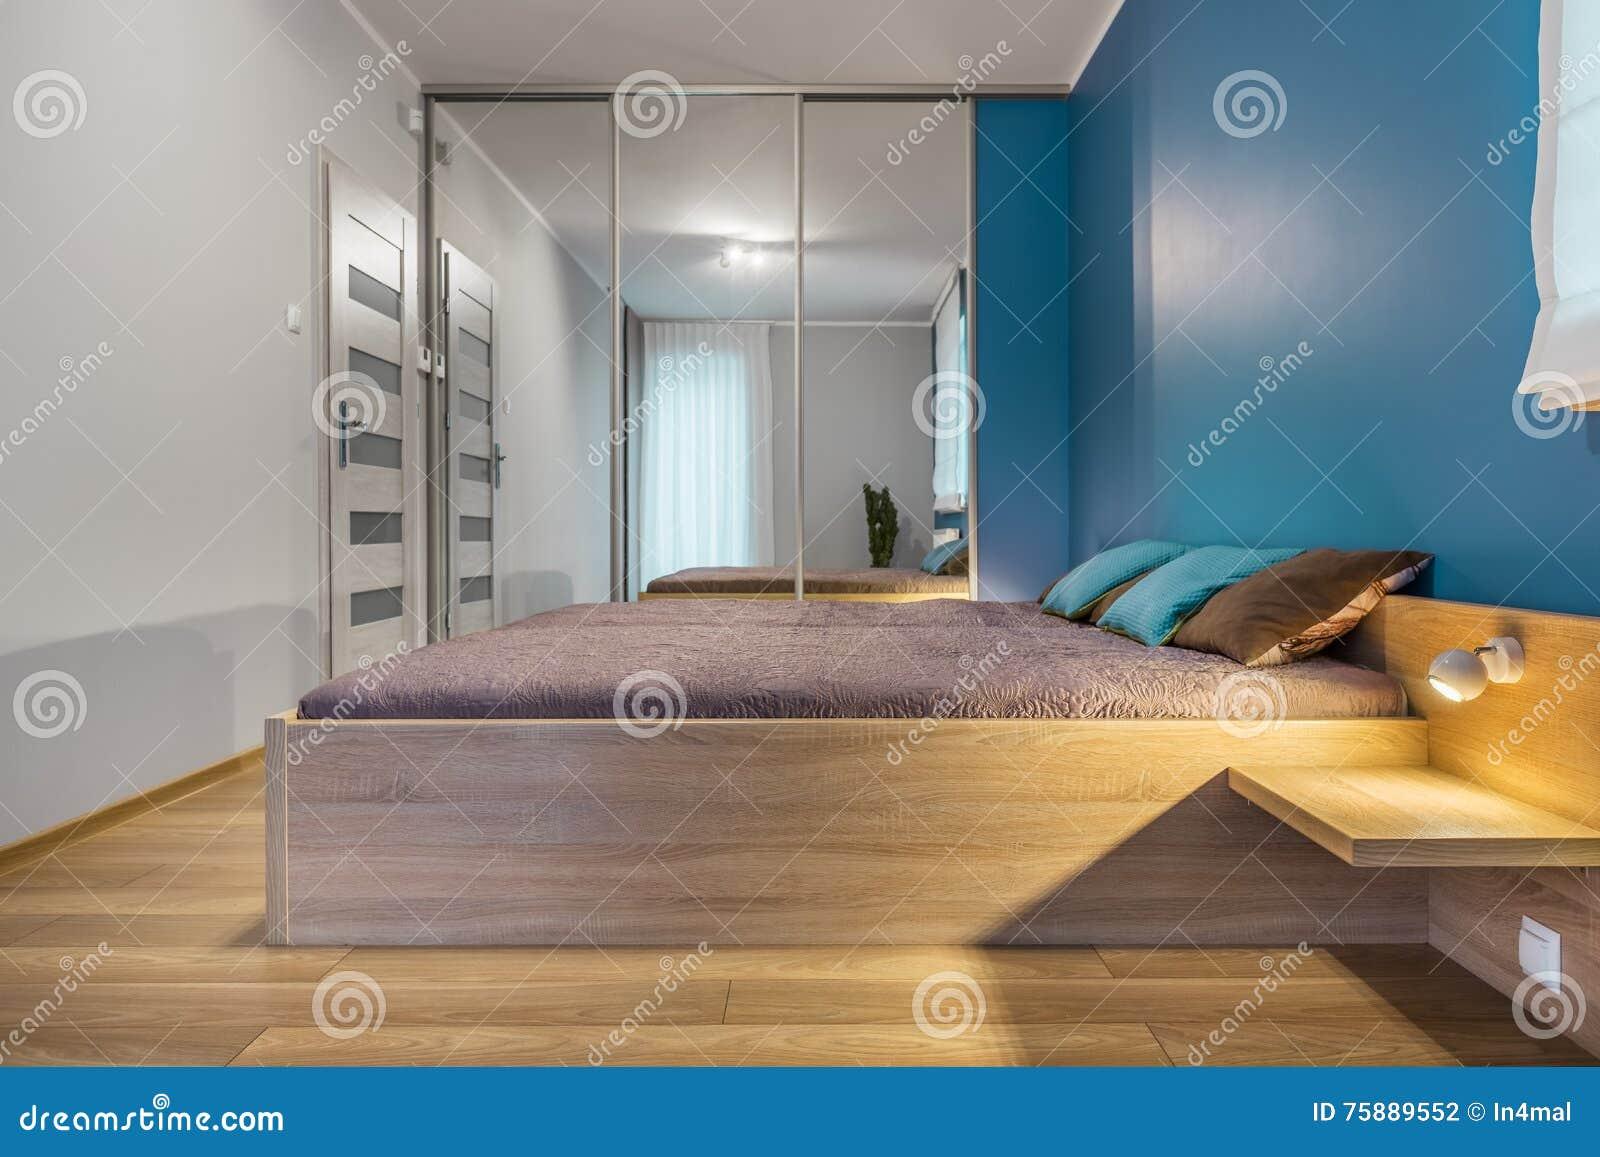 Sypialnia Z Królewiątko Rozmiaru łóżka Pomysłem Zdjęcie